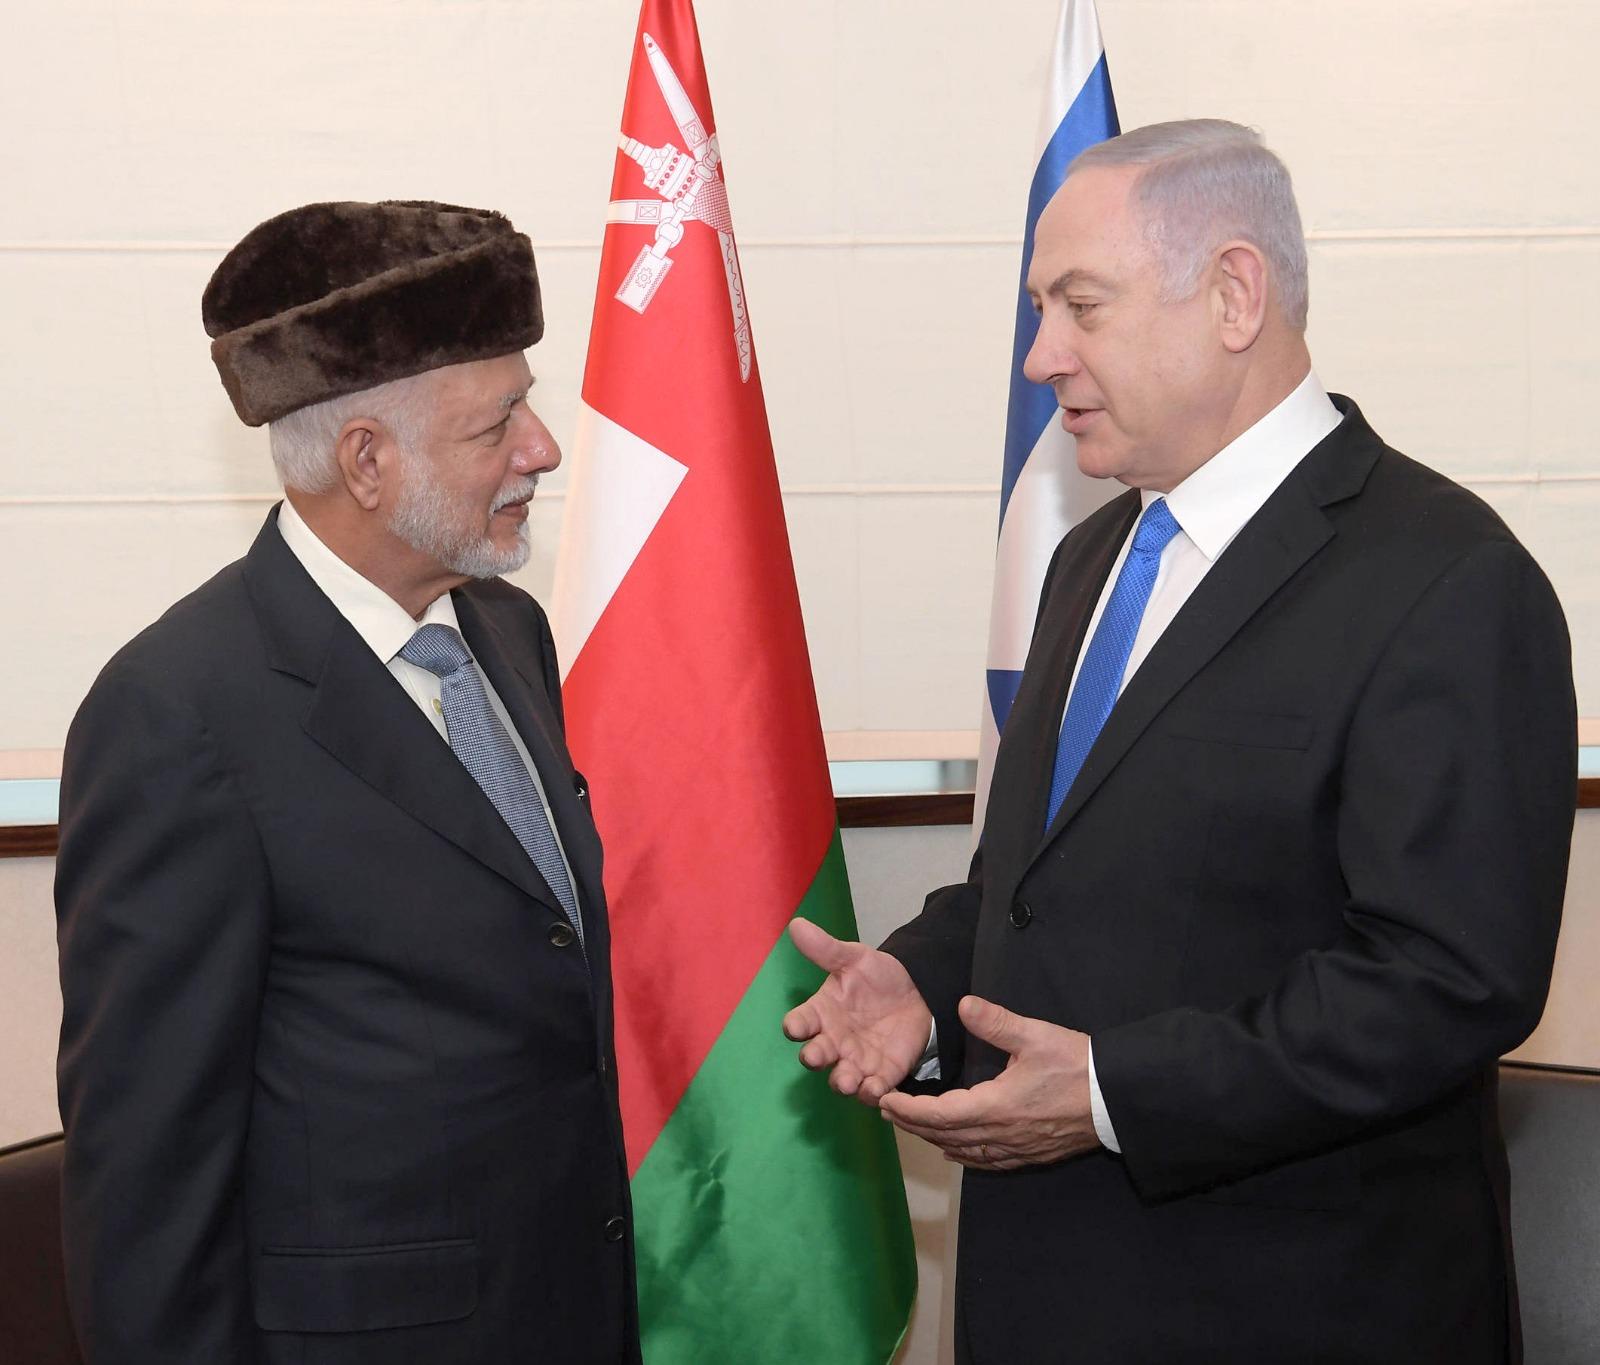 ראש הממשלה בפגישה עם שר החוץ של עומאן